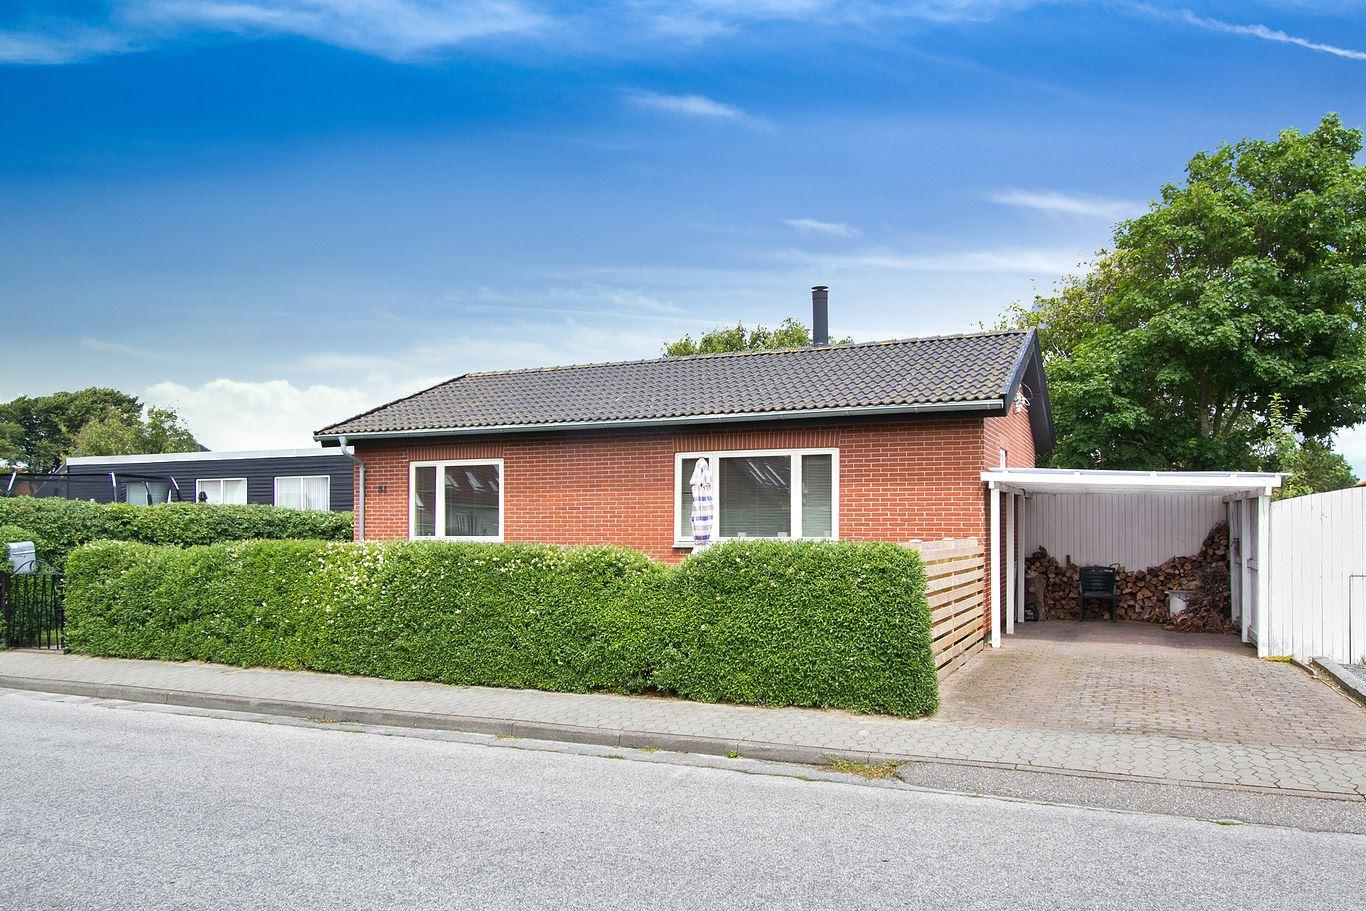 Rolighedsvej 31, 6710 Esbjerg V